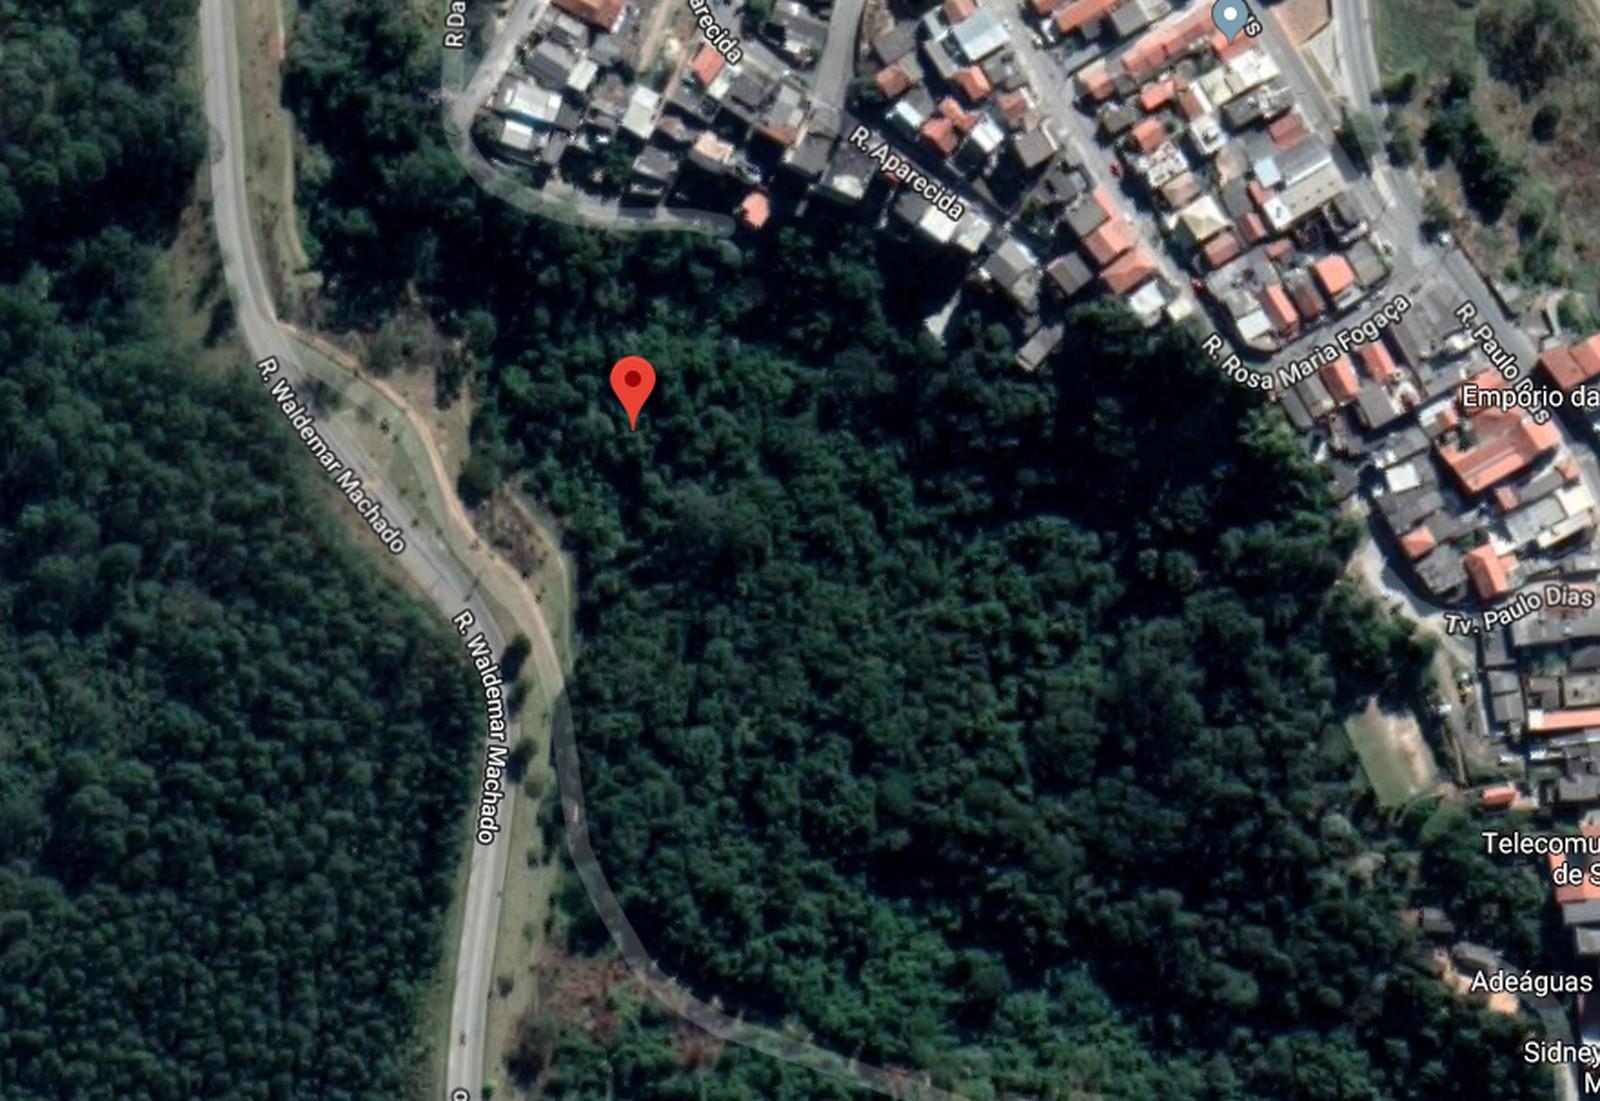 Corpo de Aline Silva Dantas foi encontrado em uma área de mata em Alumínio (SP) — Foto: Reprodução/Google Maps